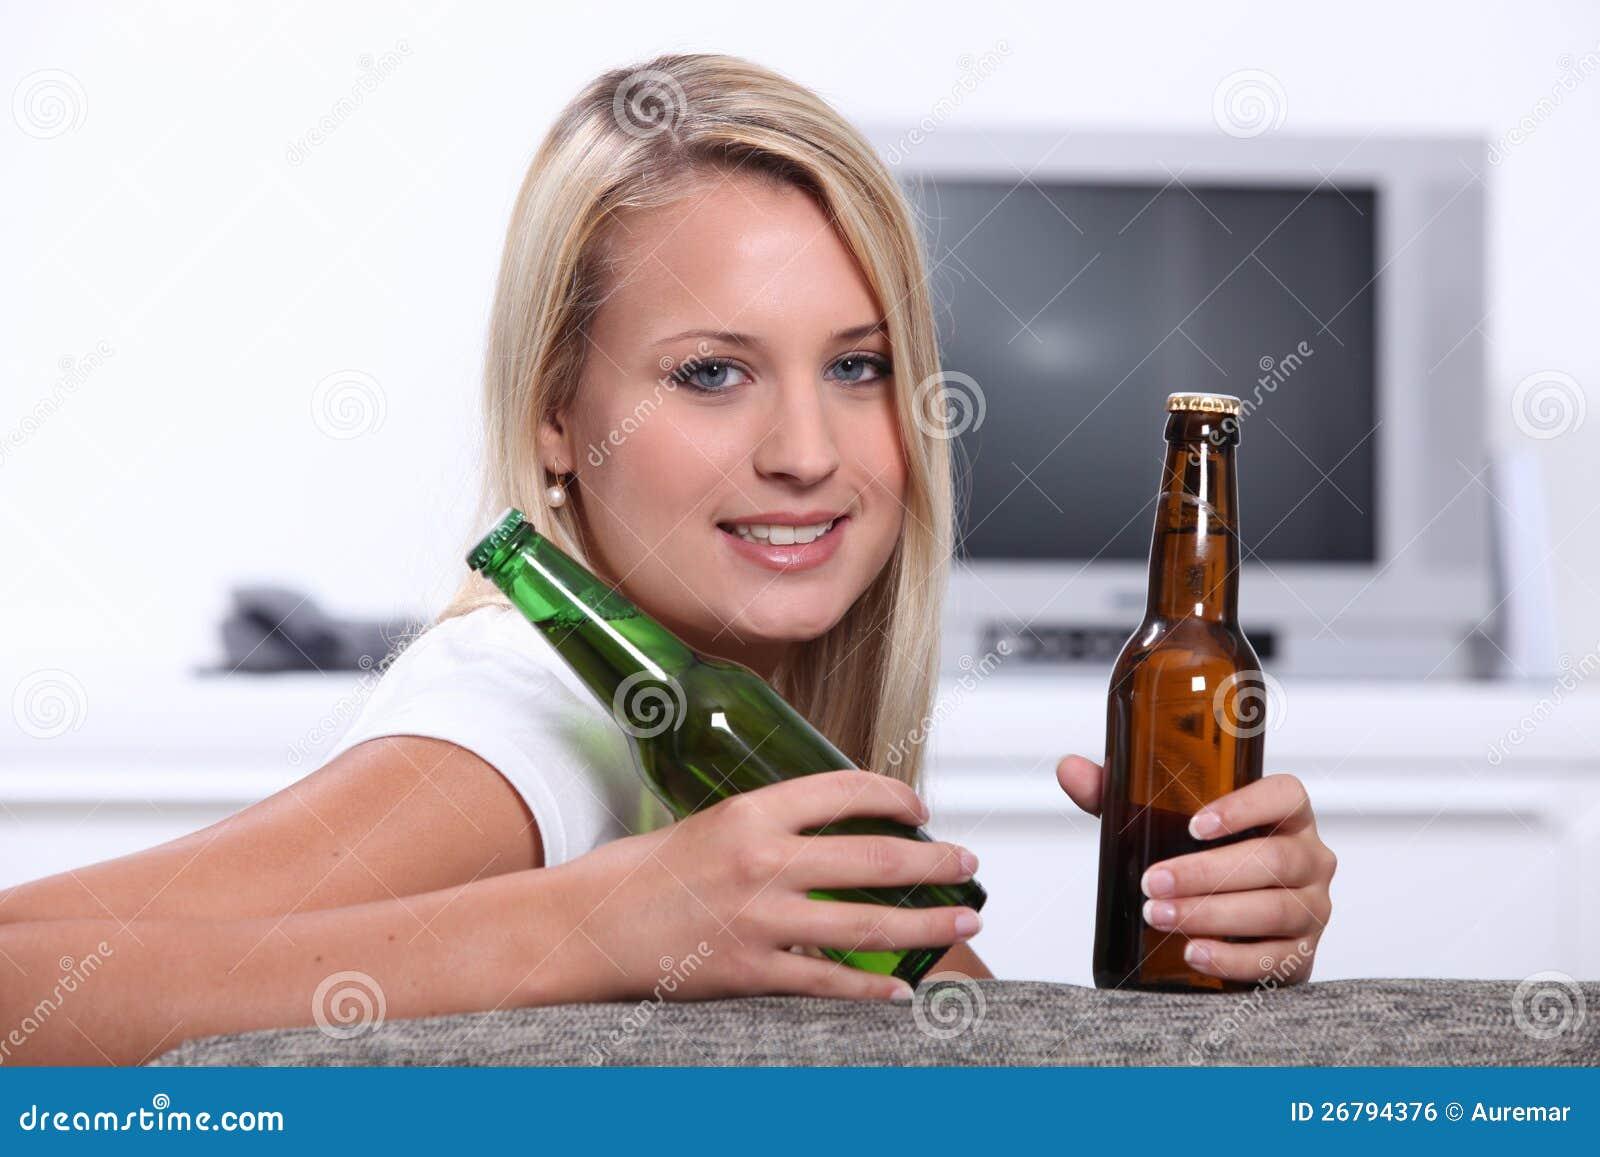 Девушки с бутылкой пива фото